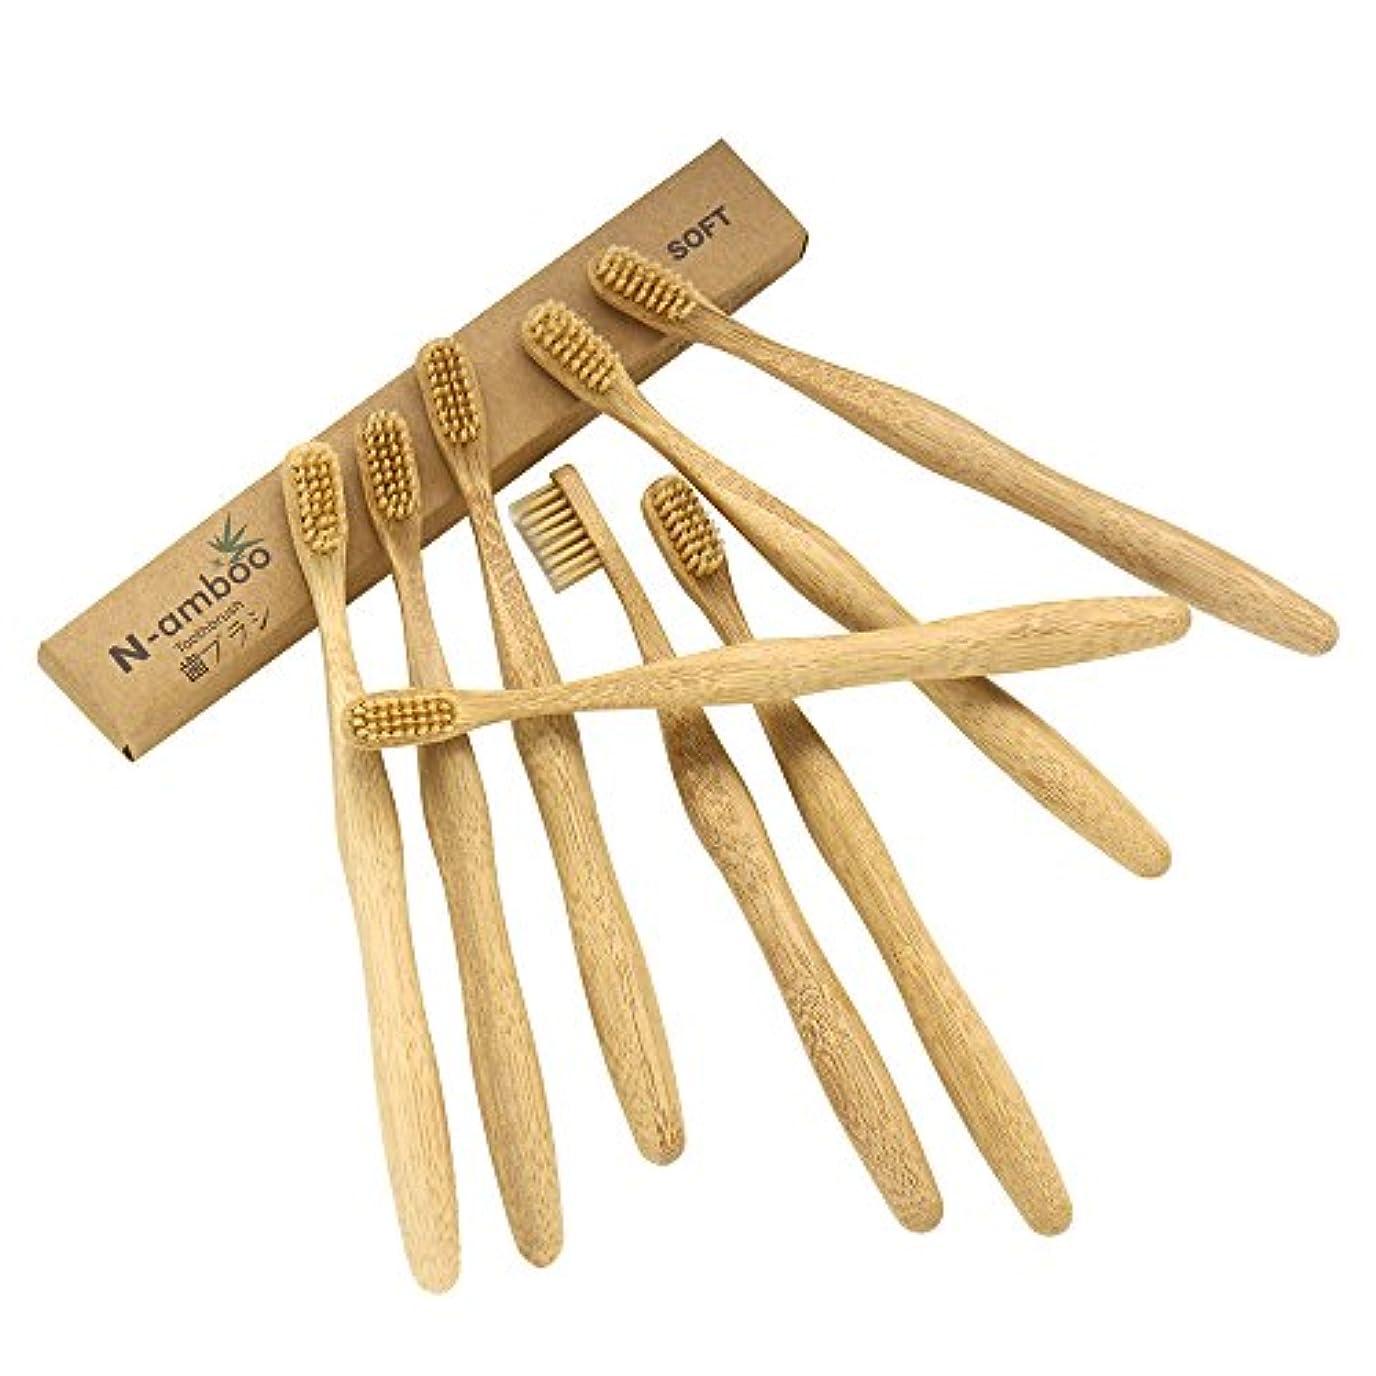 香水入手します魅力的であることへのアピールN-amboo 竹製耐久度高い 歯ブラシ ベージュ 8本入り セット